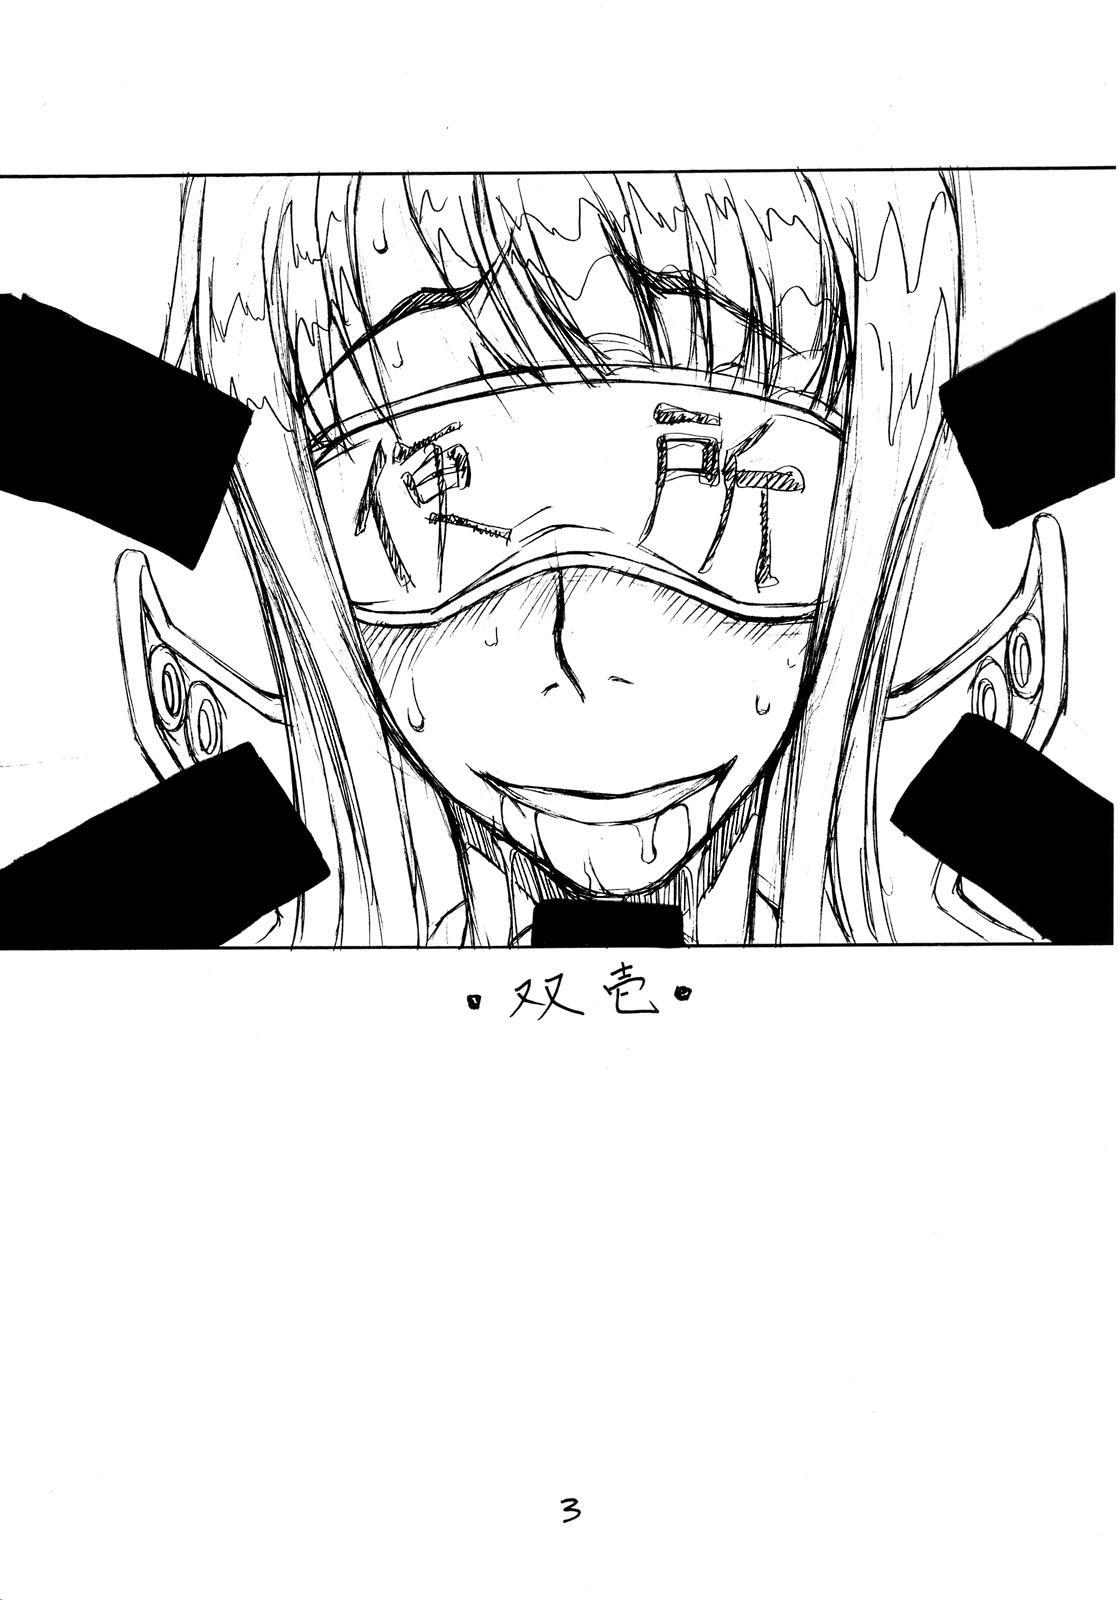 Futaichi 2